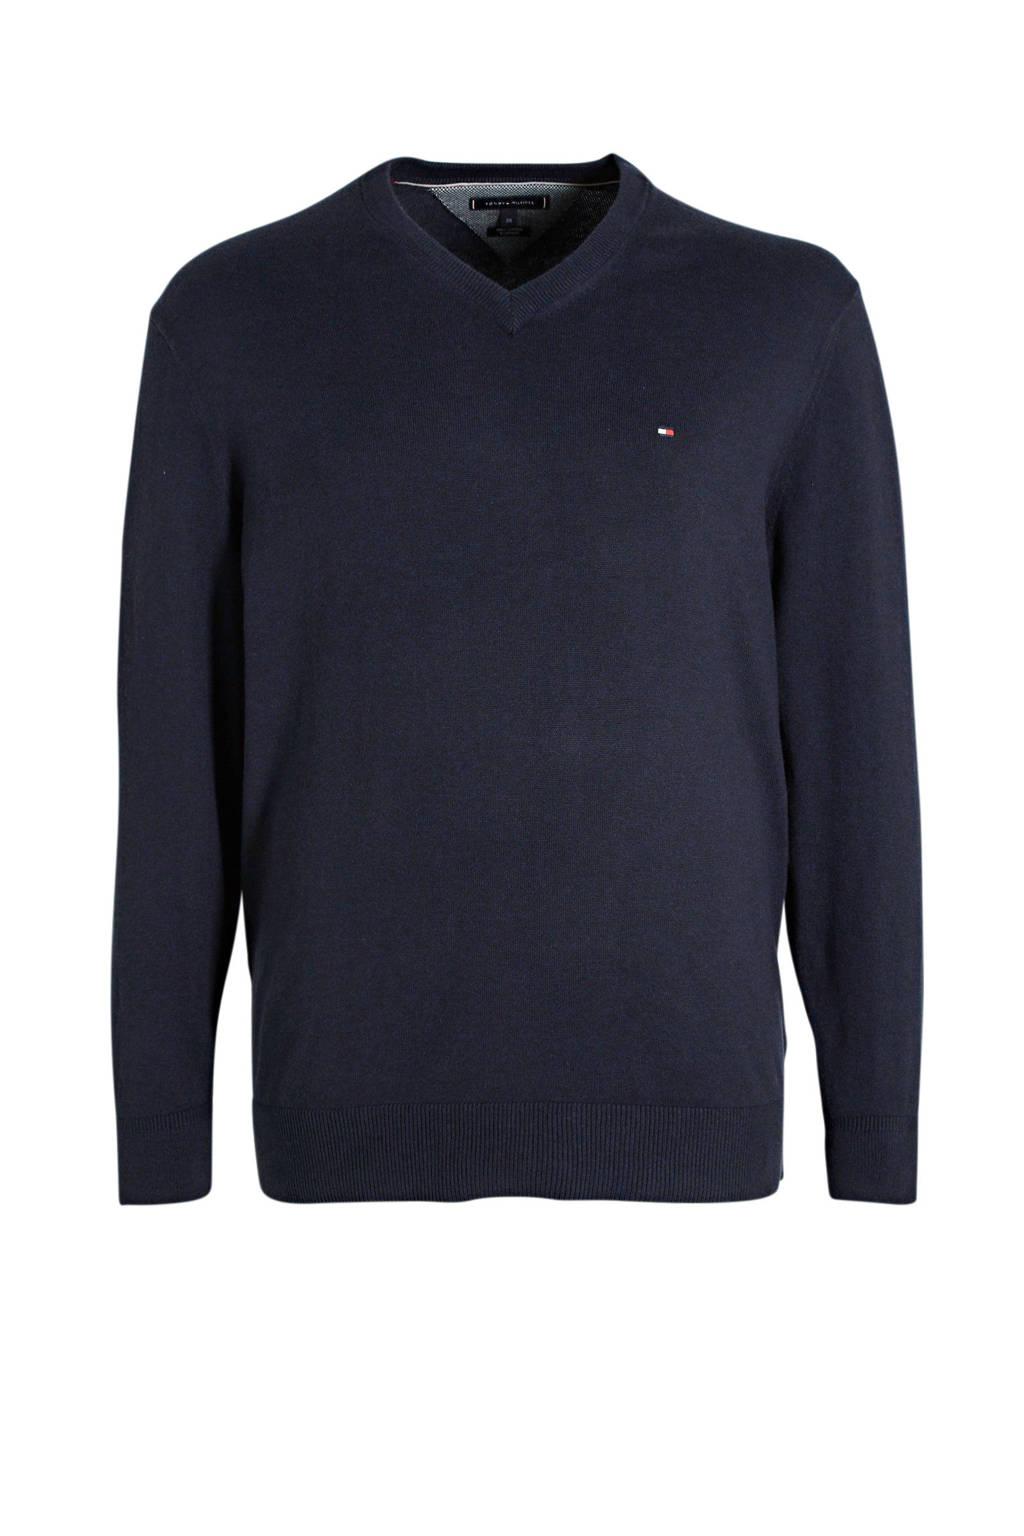 Tommy Hilfiger Big & Tall +size trui donkerblauw, Donkerblauw